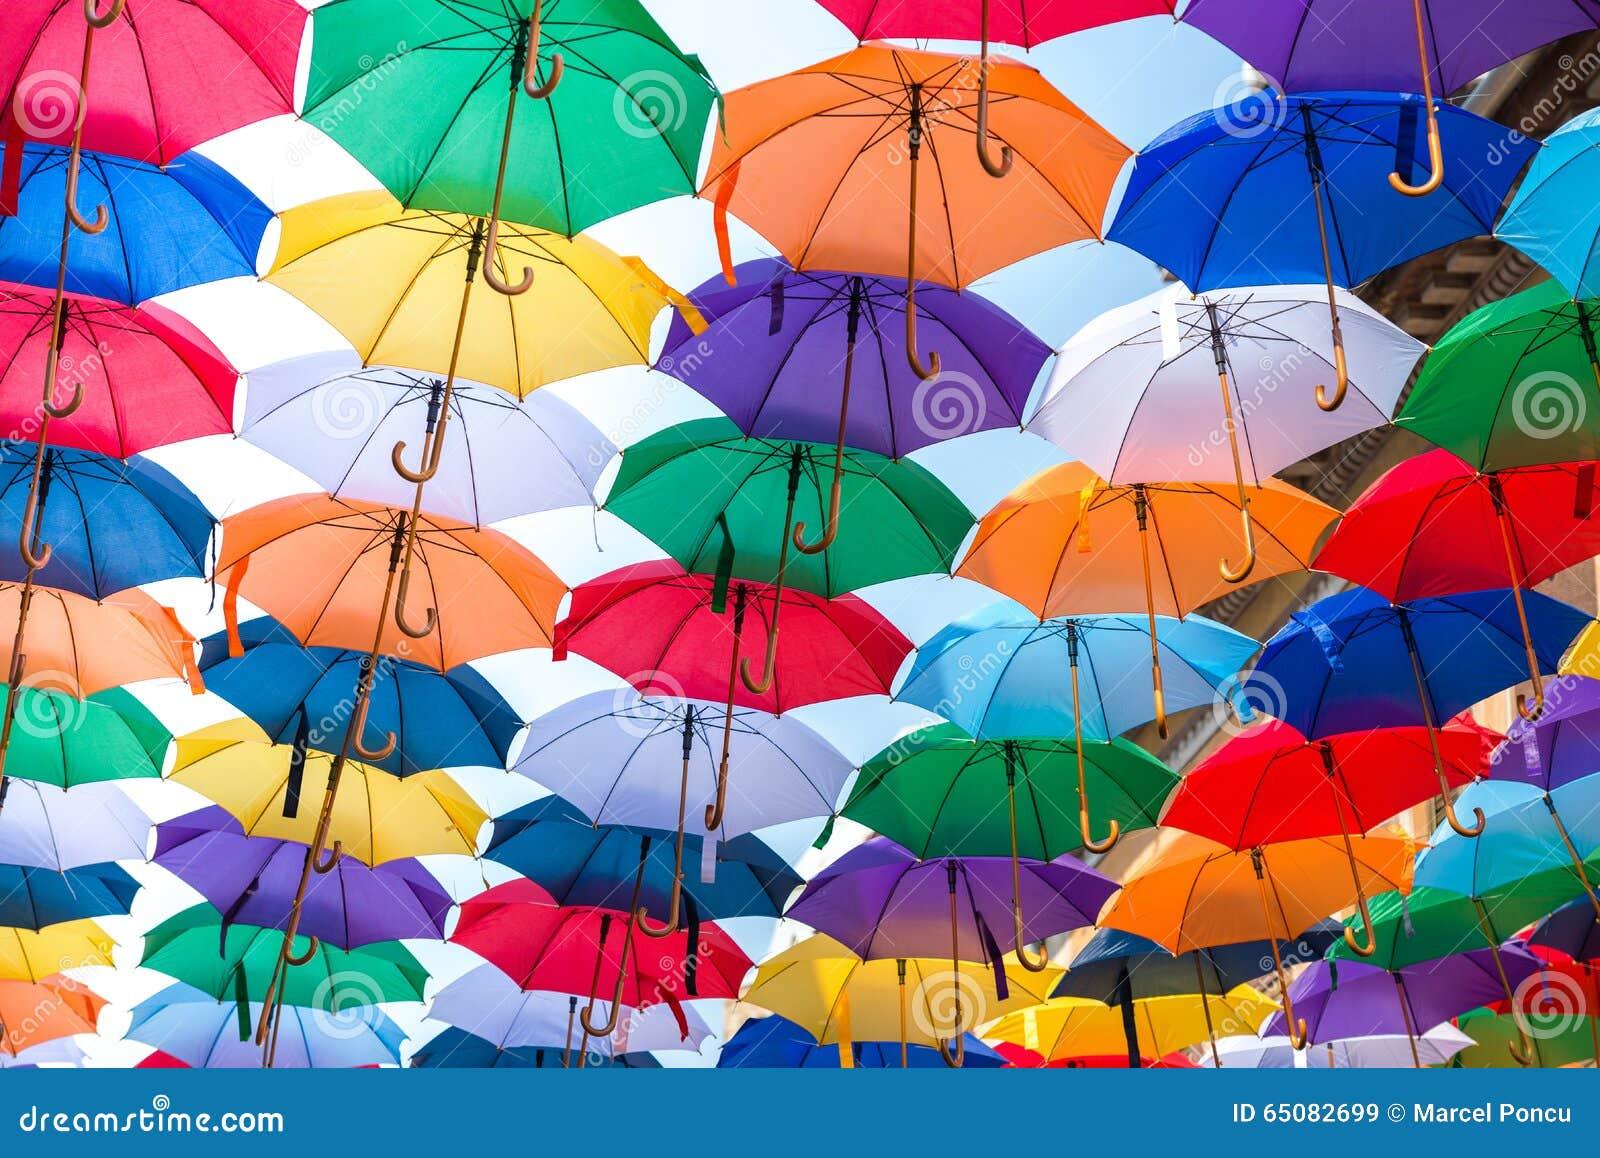 Kleur Veel Kleur : Veel paraplus die de hemel kleuren stock afbeelding afbeelding